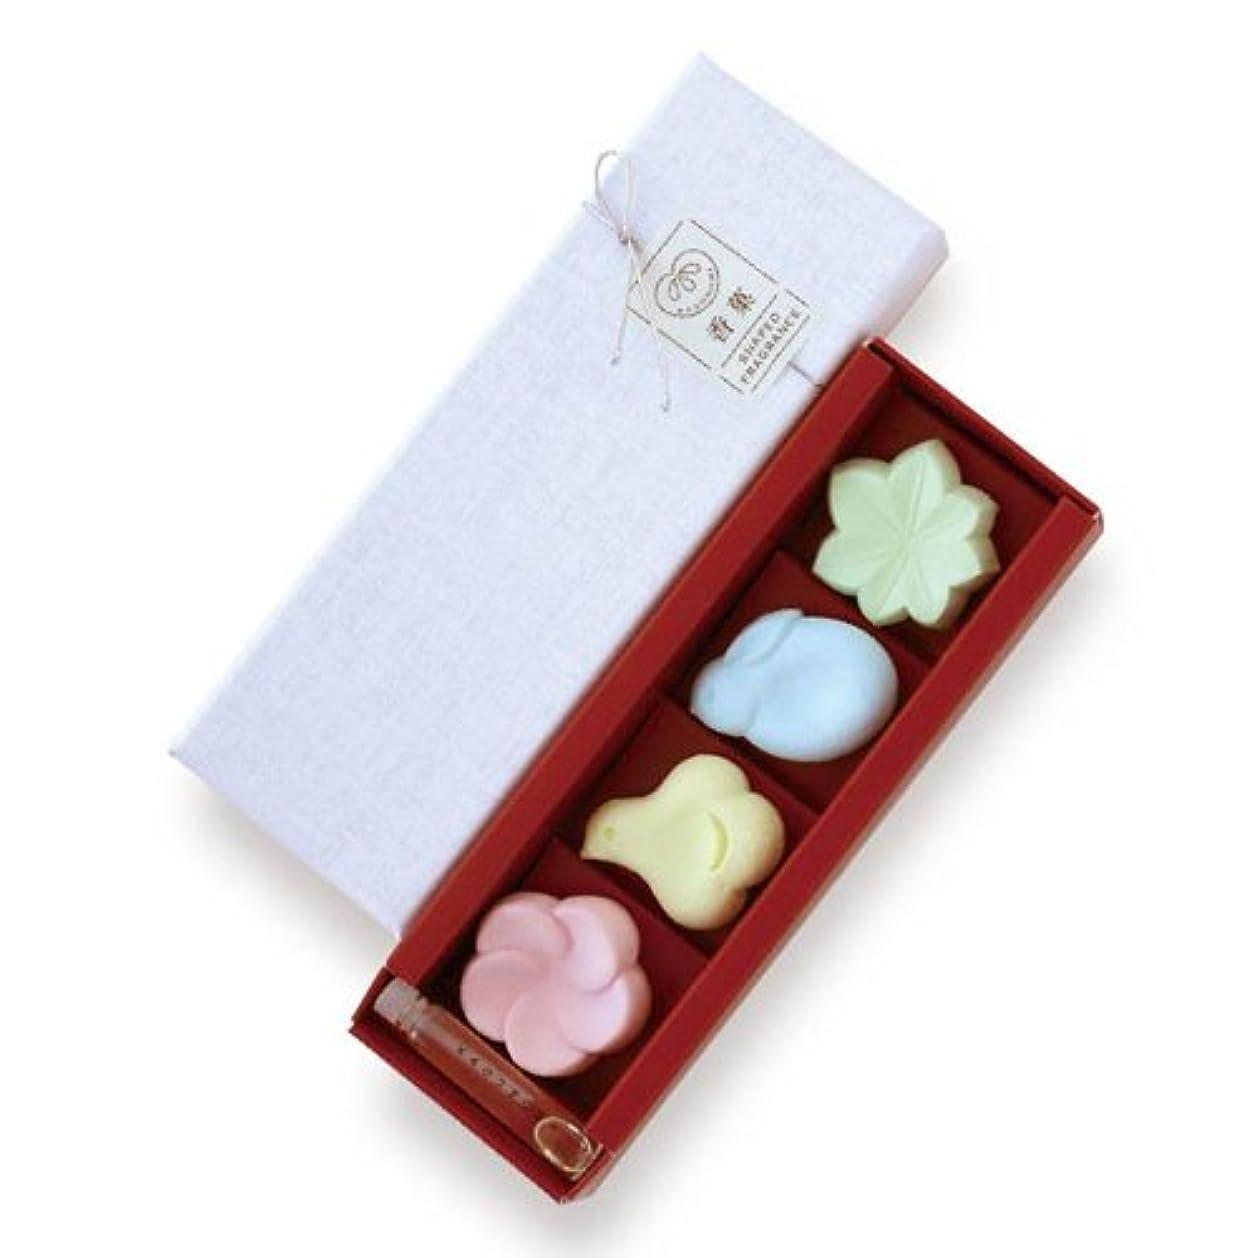 忠実にスクラップブックで出来ている日本香堂 香菓 アソート4種入 オイル付